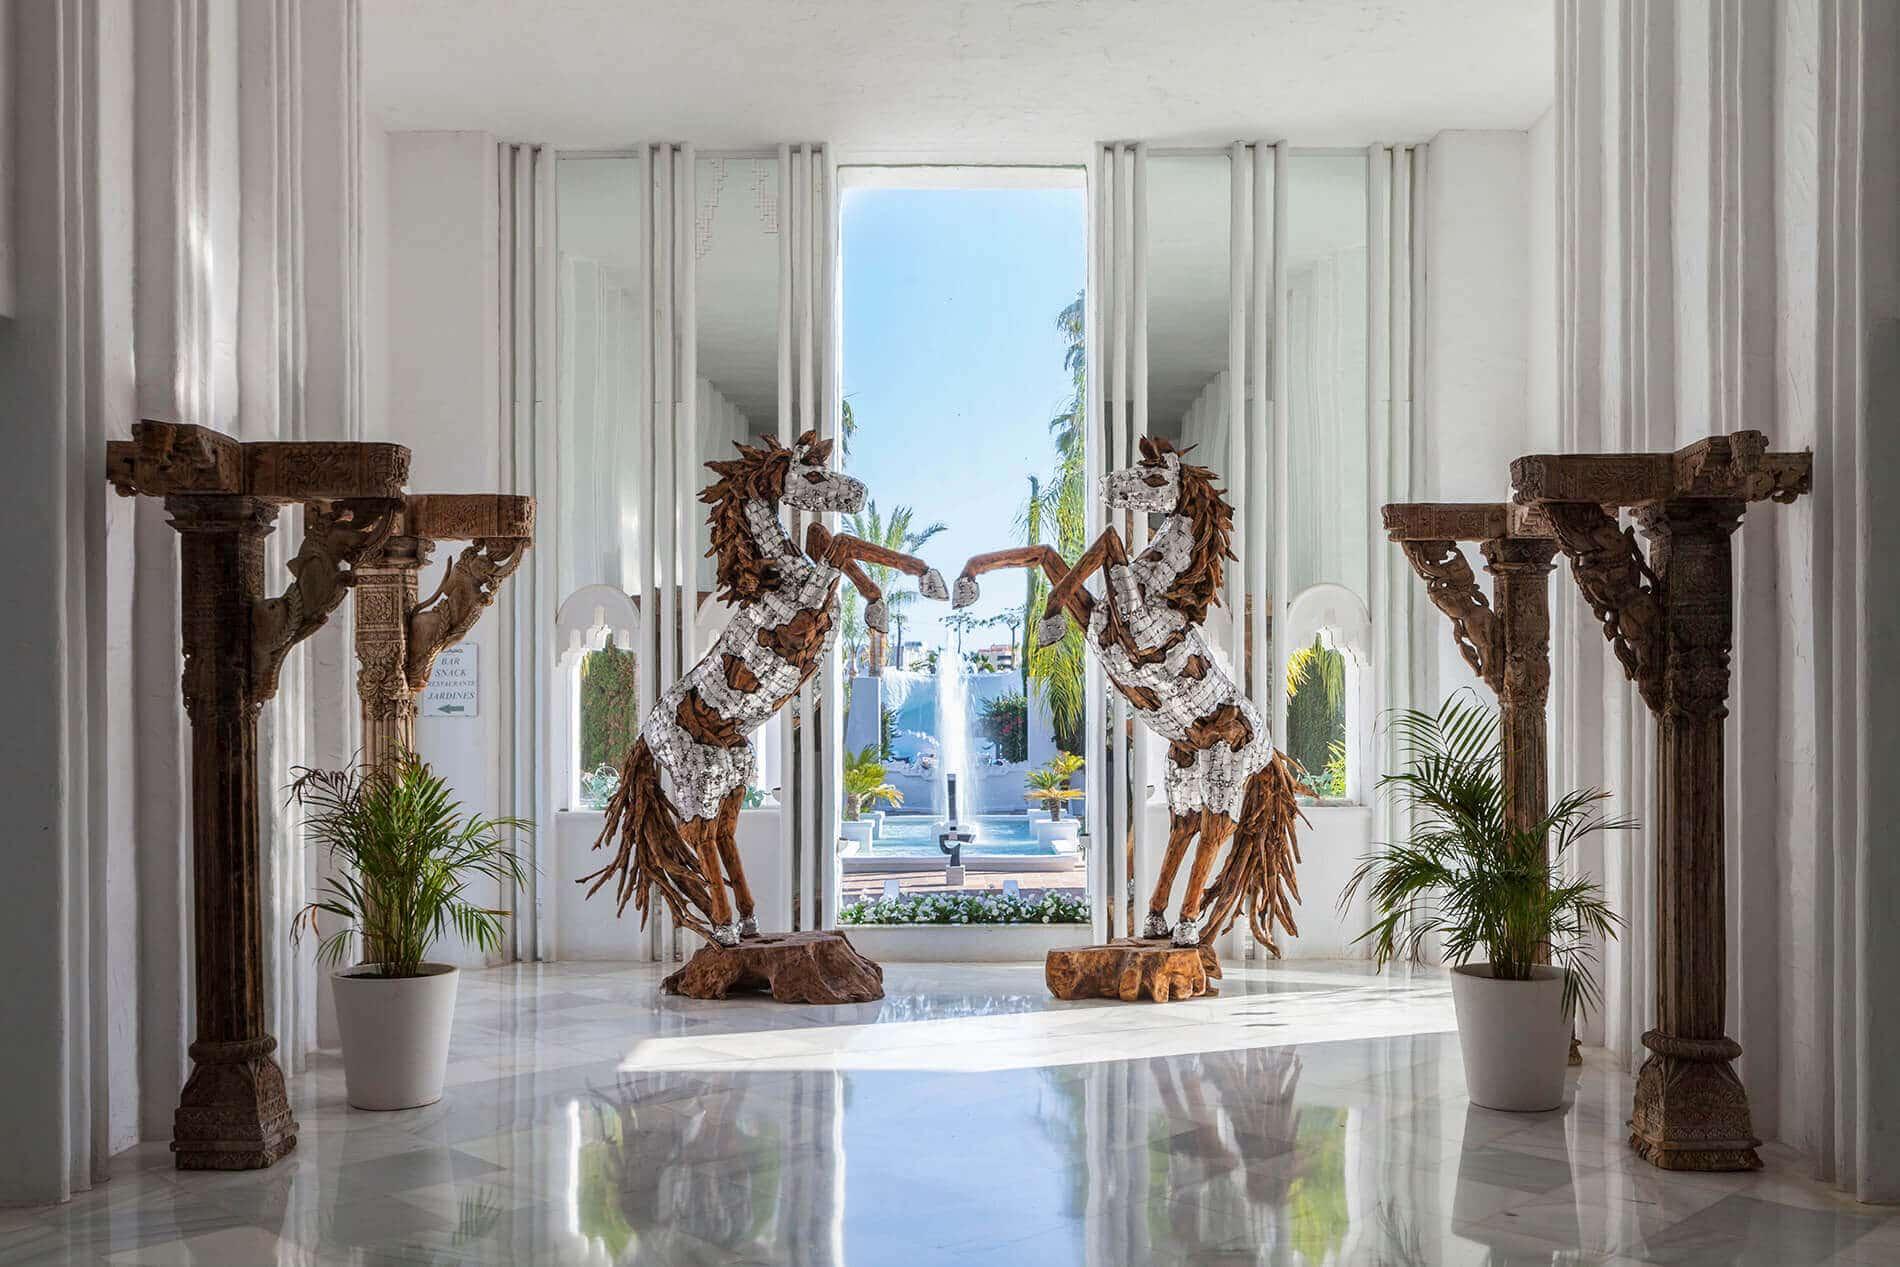 Espanja-Almuneckar-Hotel Suite Albayzin del Mar lobby